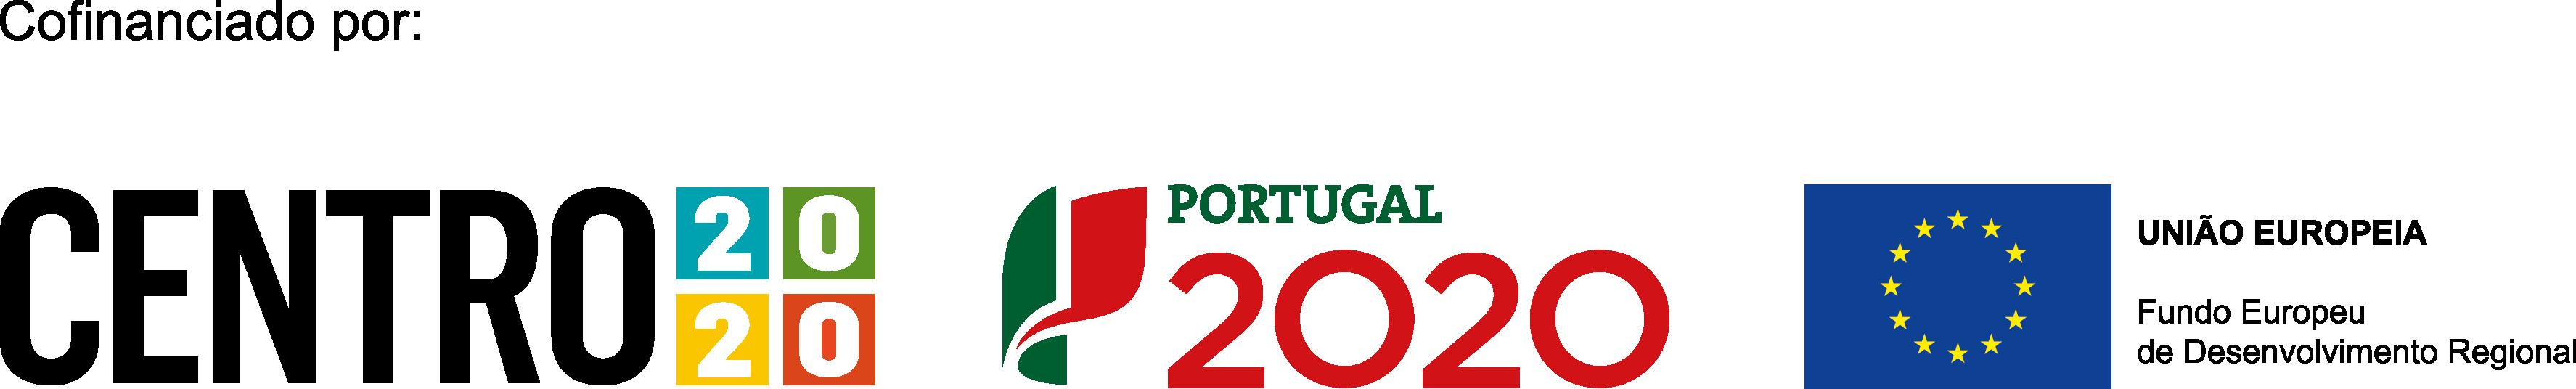 CENTRO 2020 + PT 2020 + EU (logotipo FEDER)